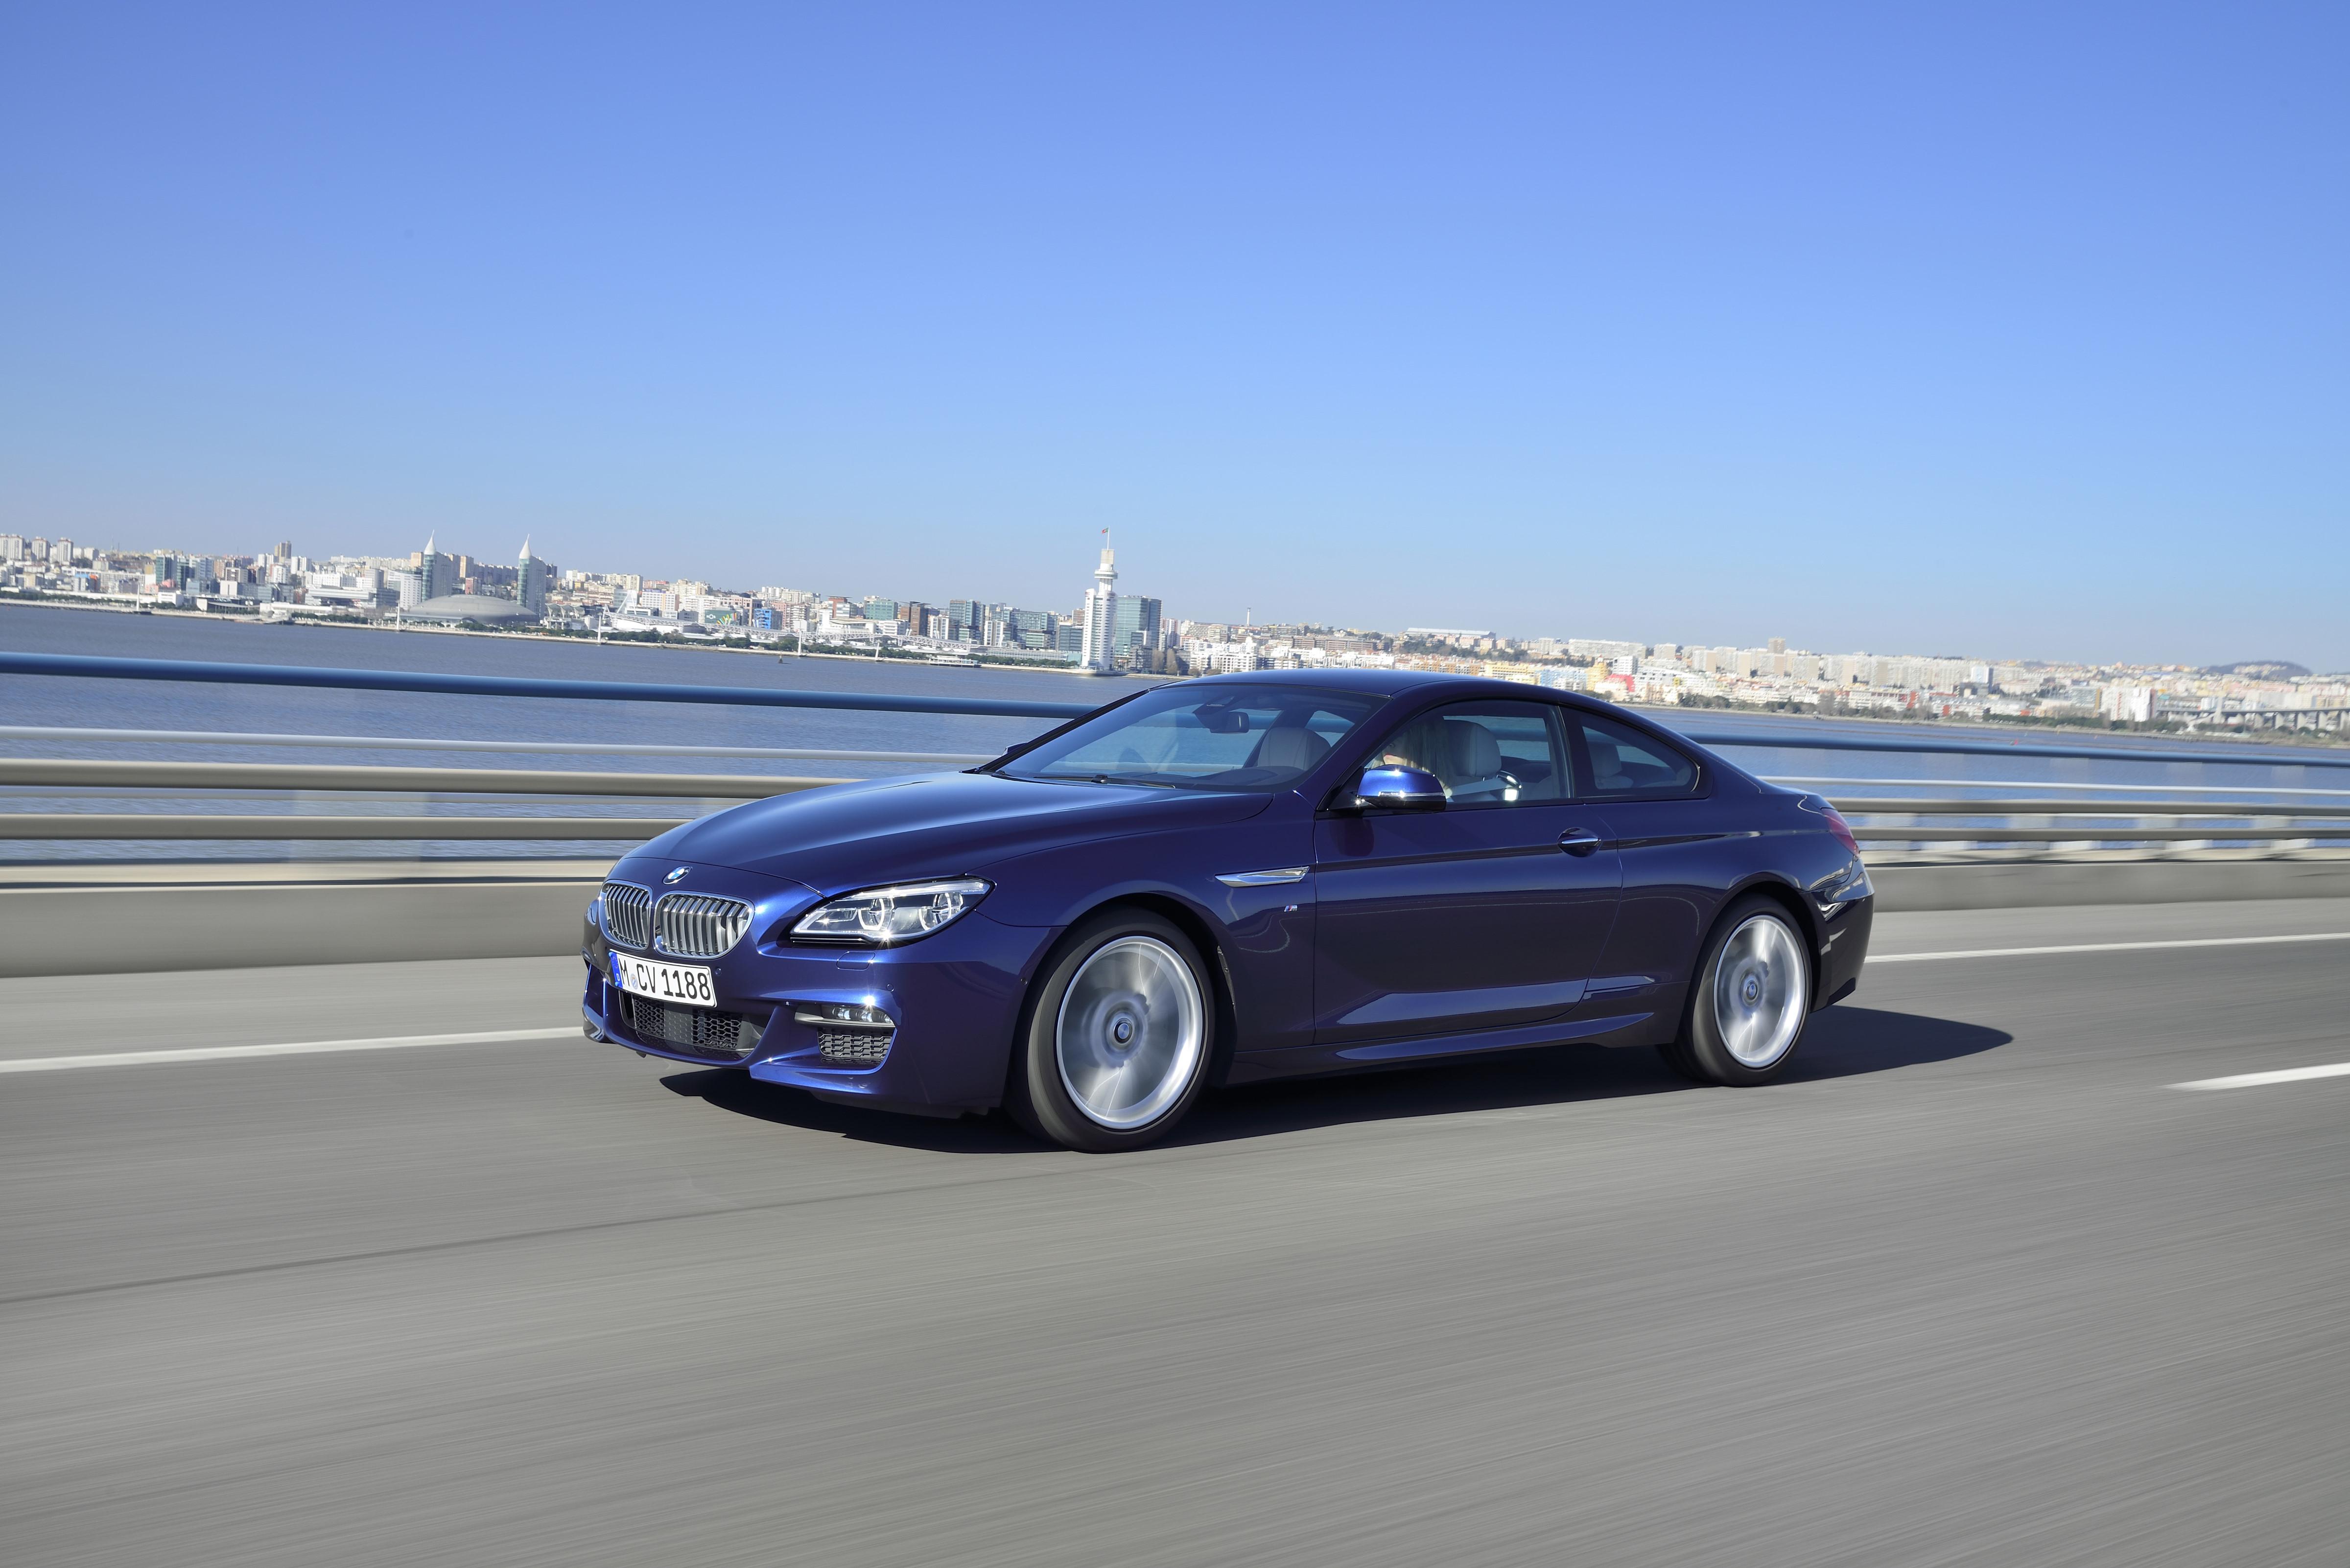 BMW Seria 6 – testy i recenzje zdjęcia opinie dane techniczne